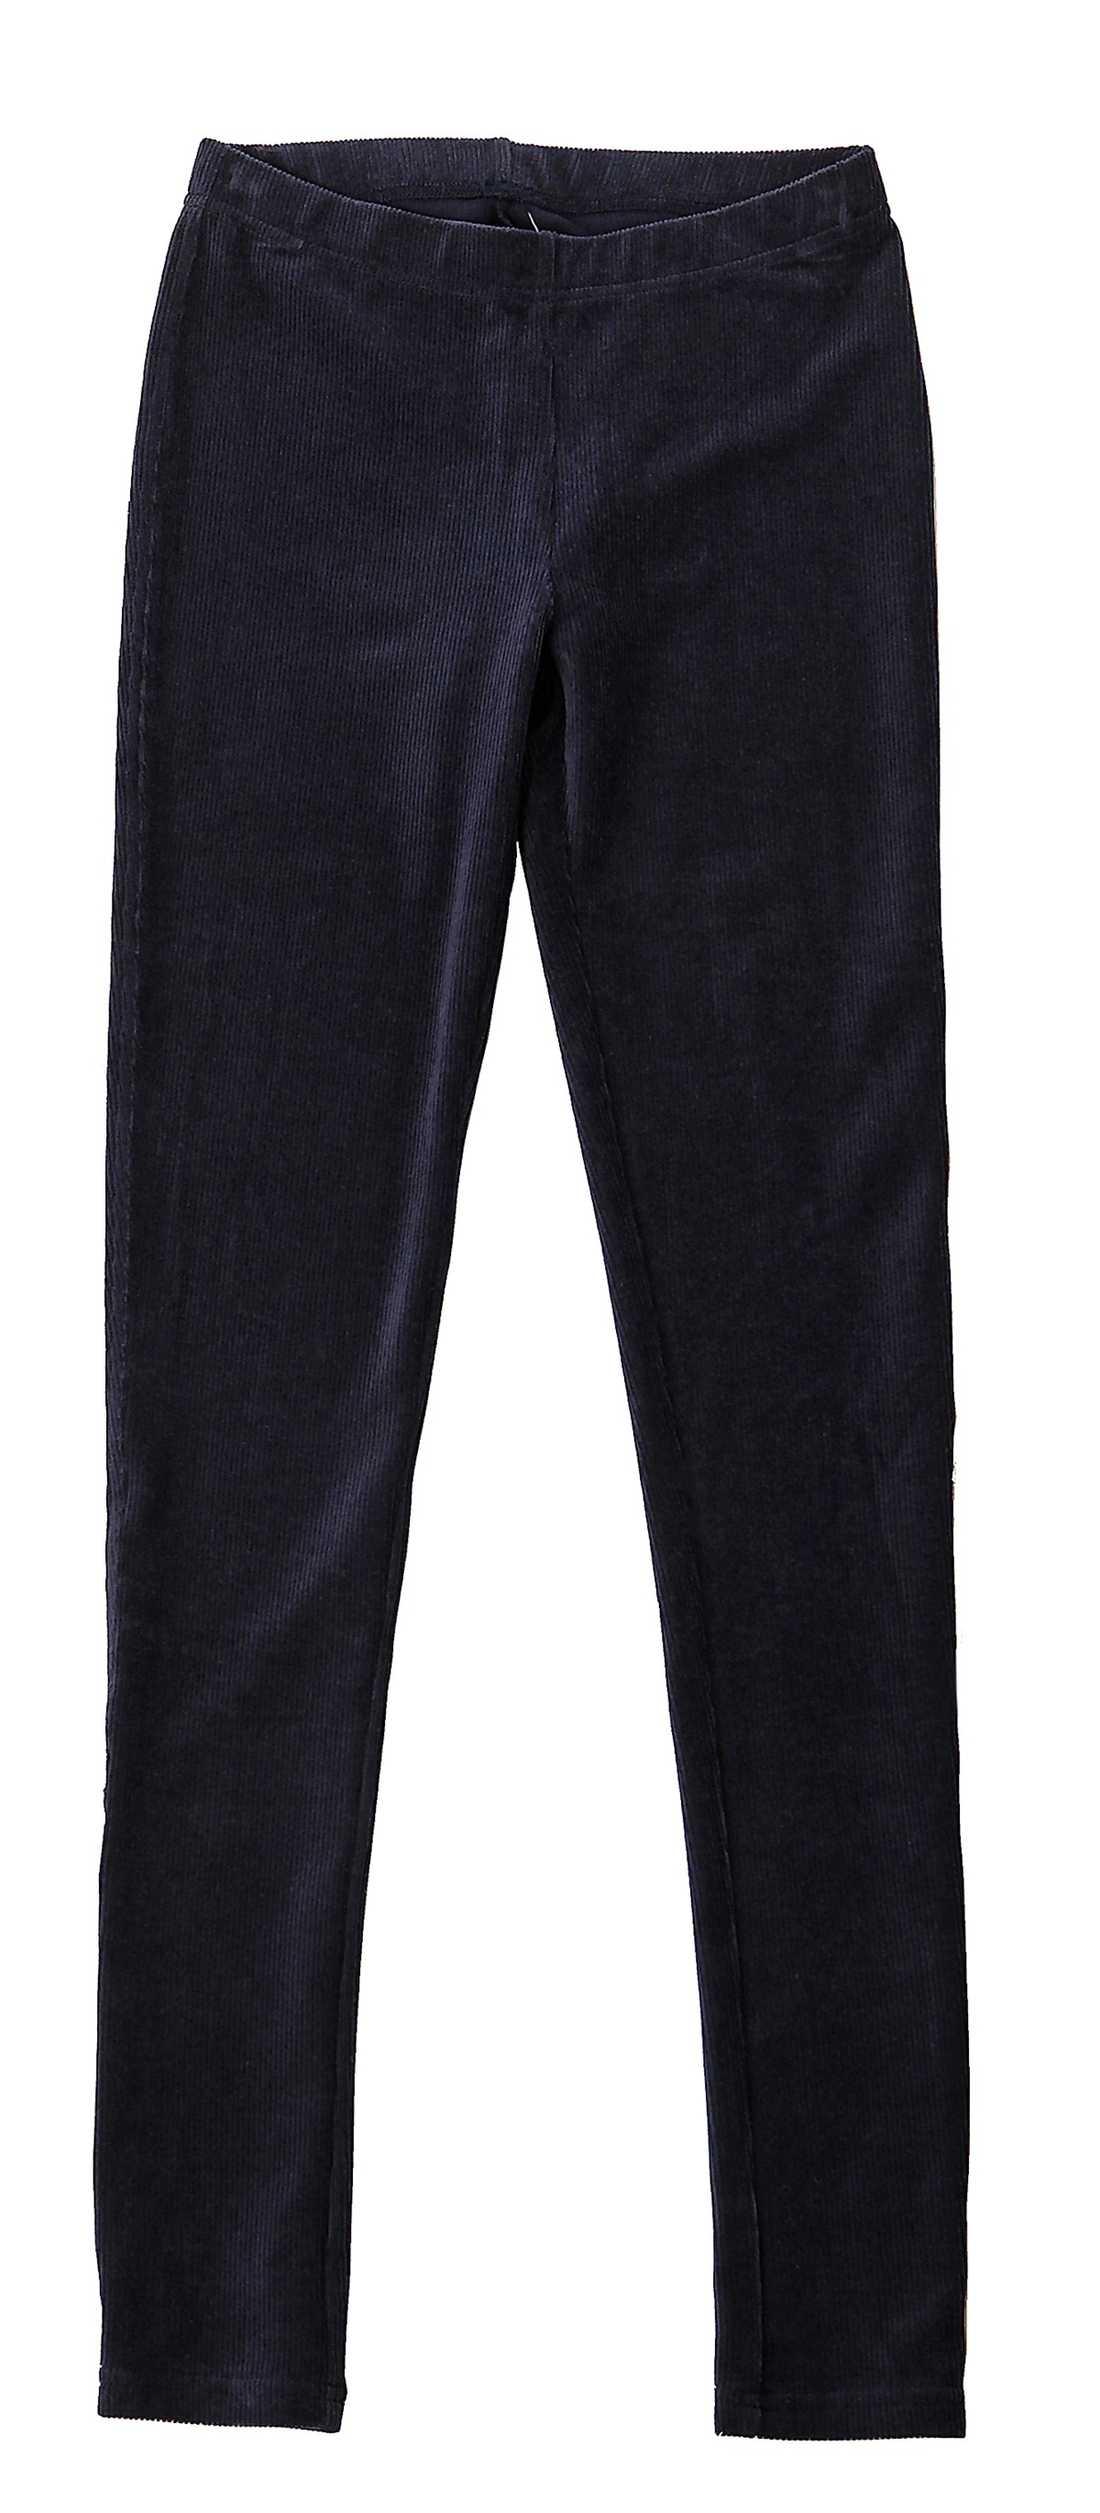 60-tal Gina Tricot. 199 krI stället för strumpbyxor – matcha tunikan med ett par slimmade byxor. Gärna i färg!